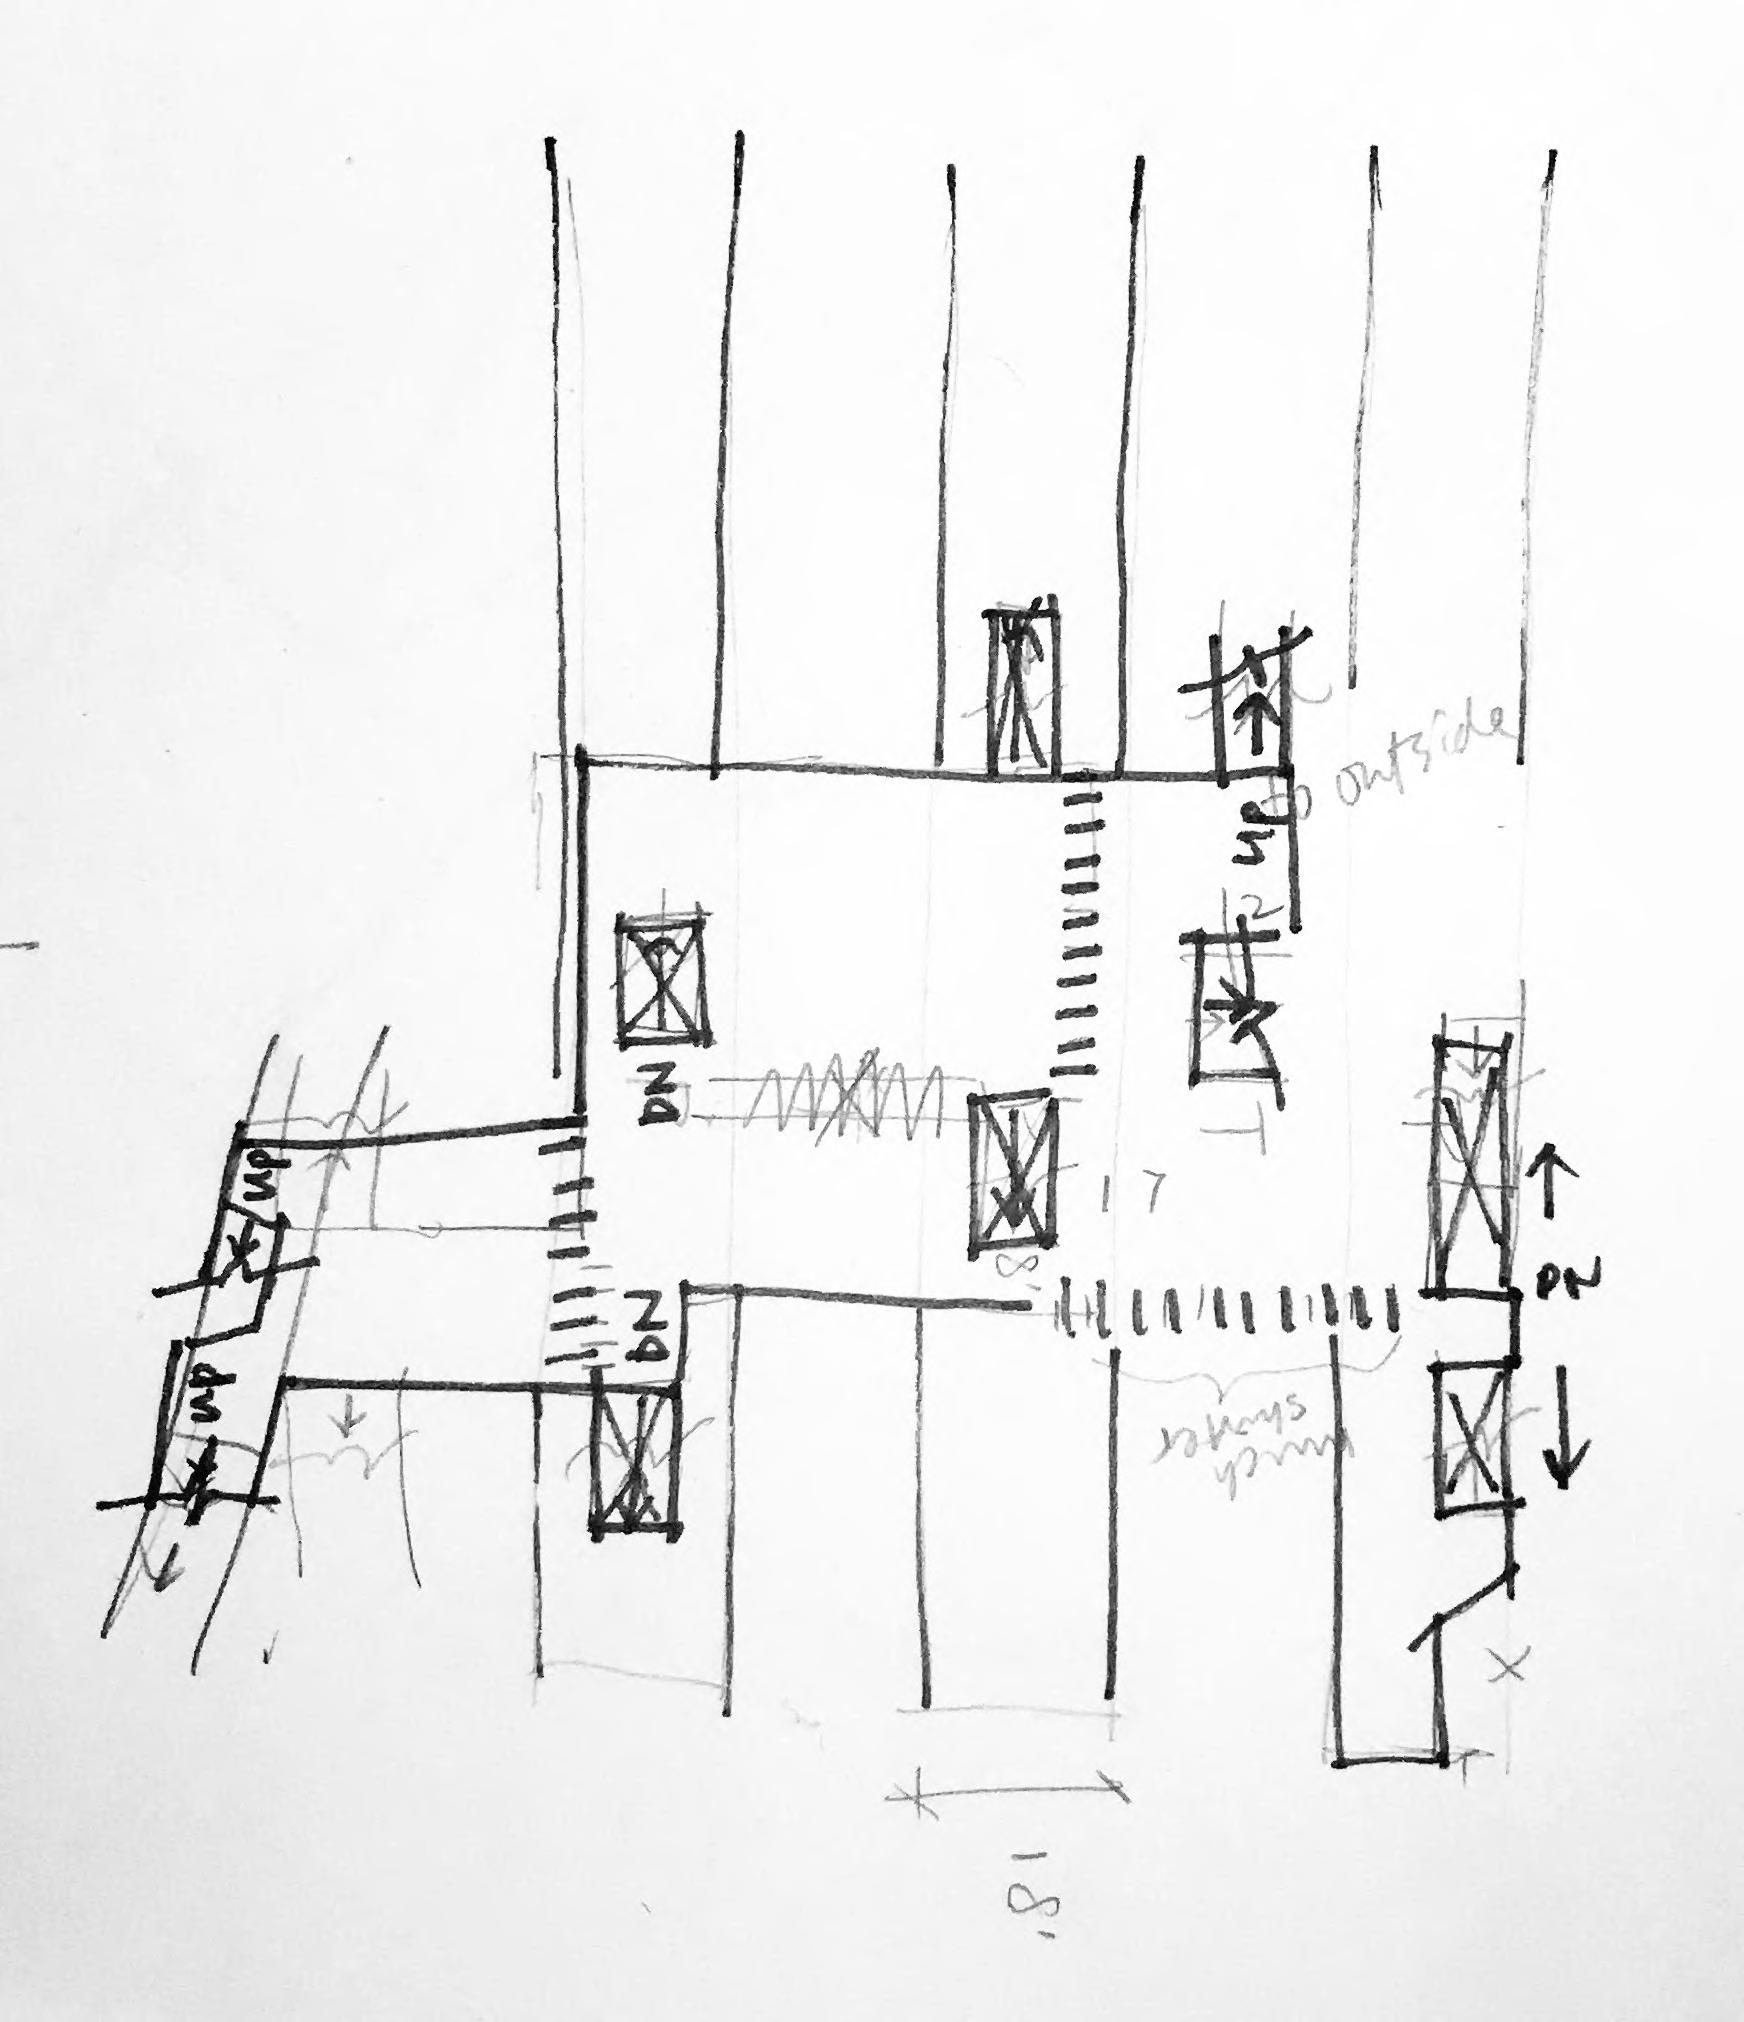 2018-02-07 - Hoboken Sketch.jpg